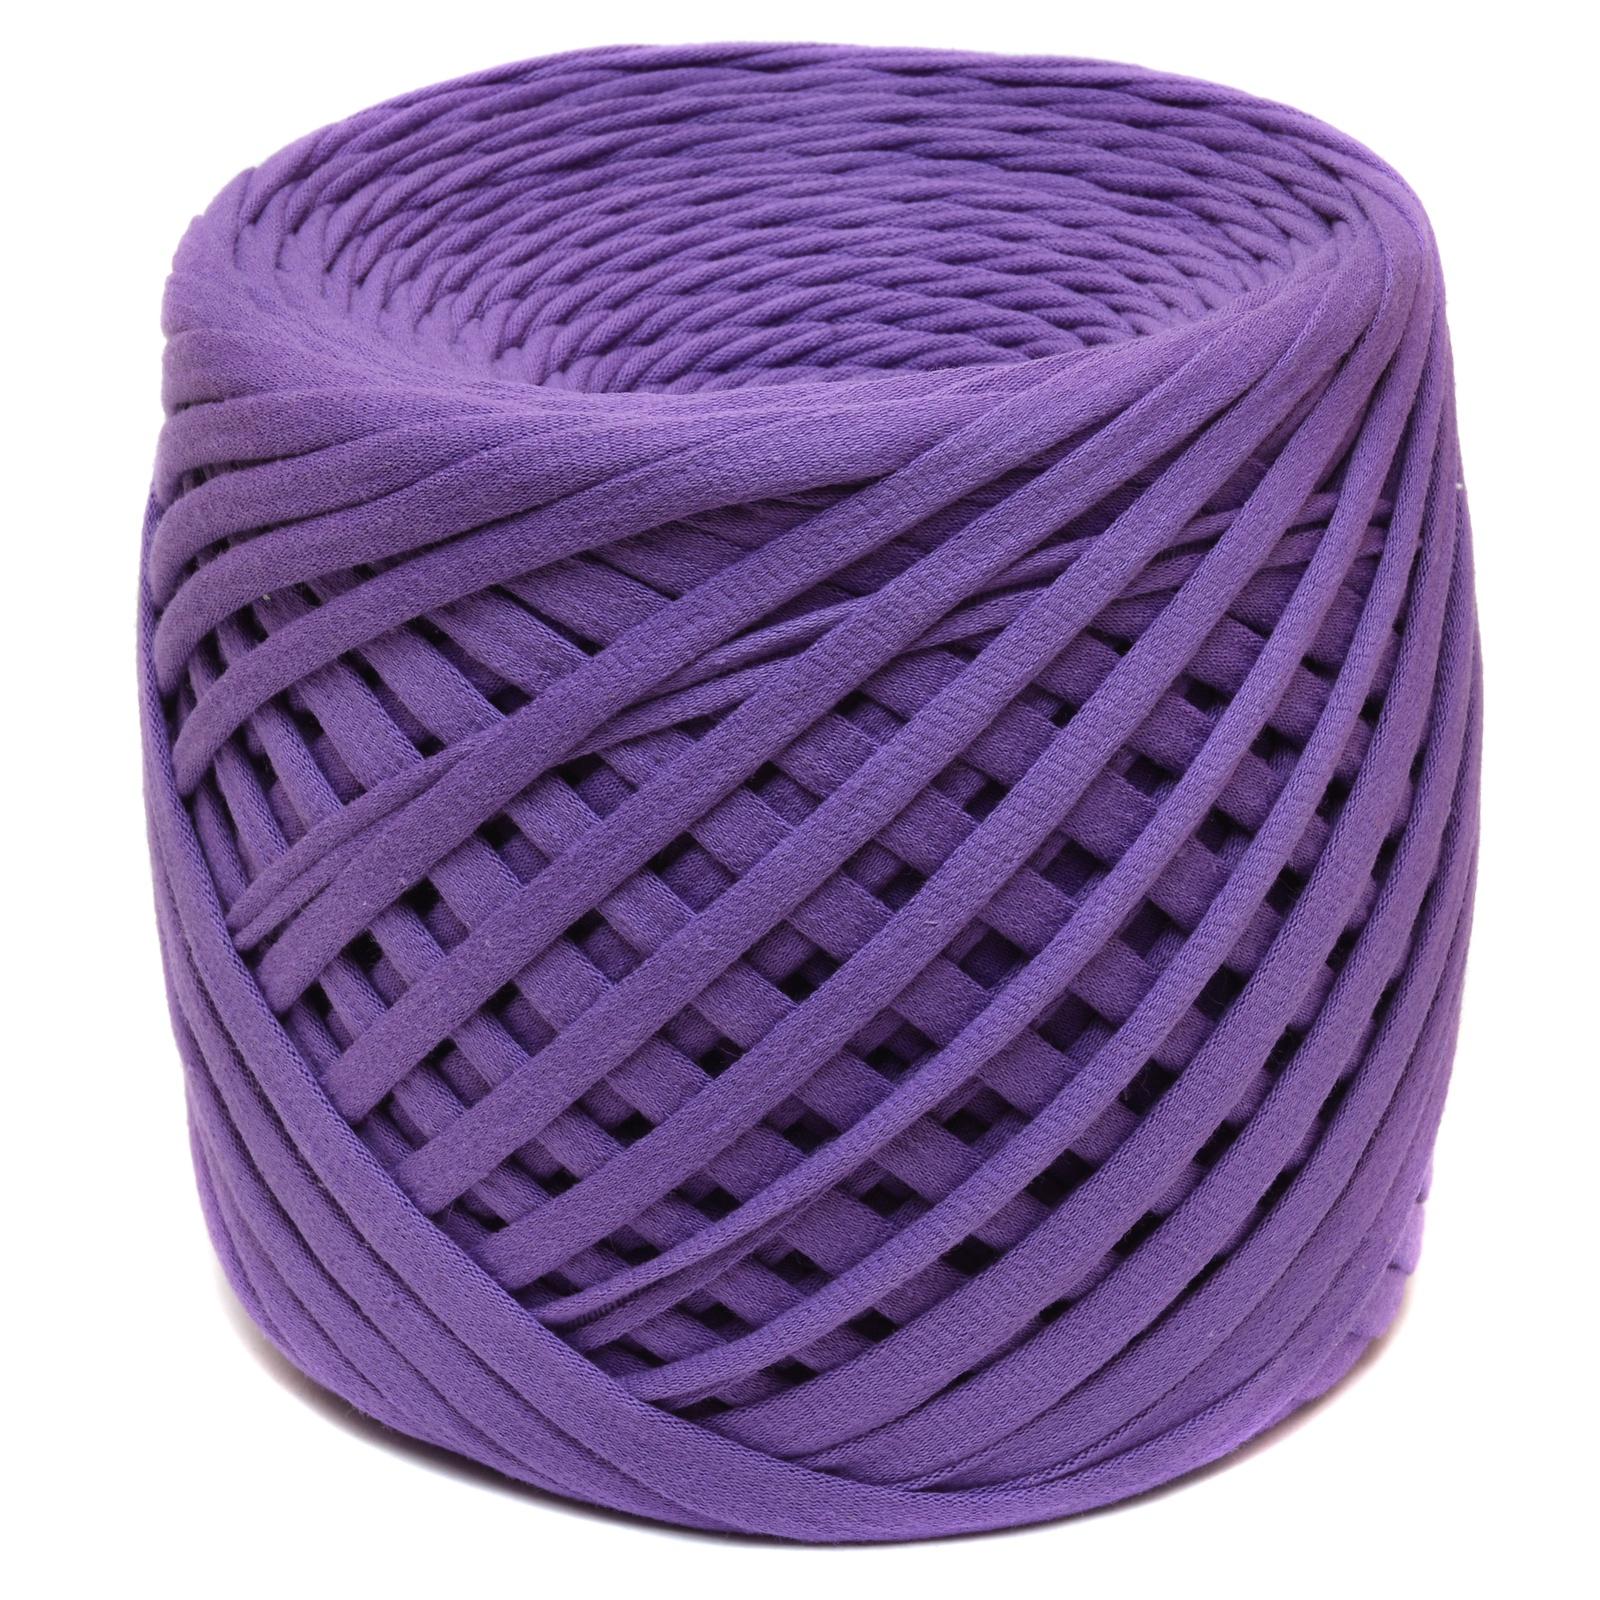 Трикотажная пряжа Saltera. Цвет Фиолетовый (39)